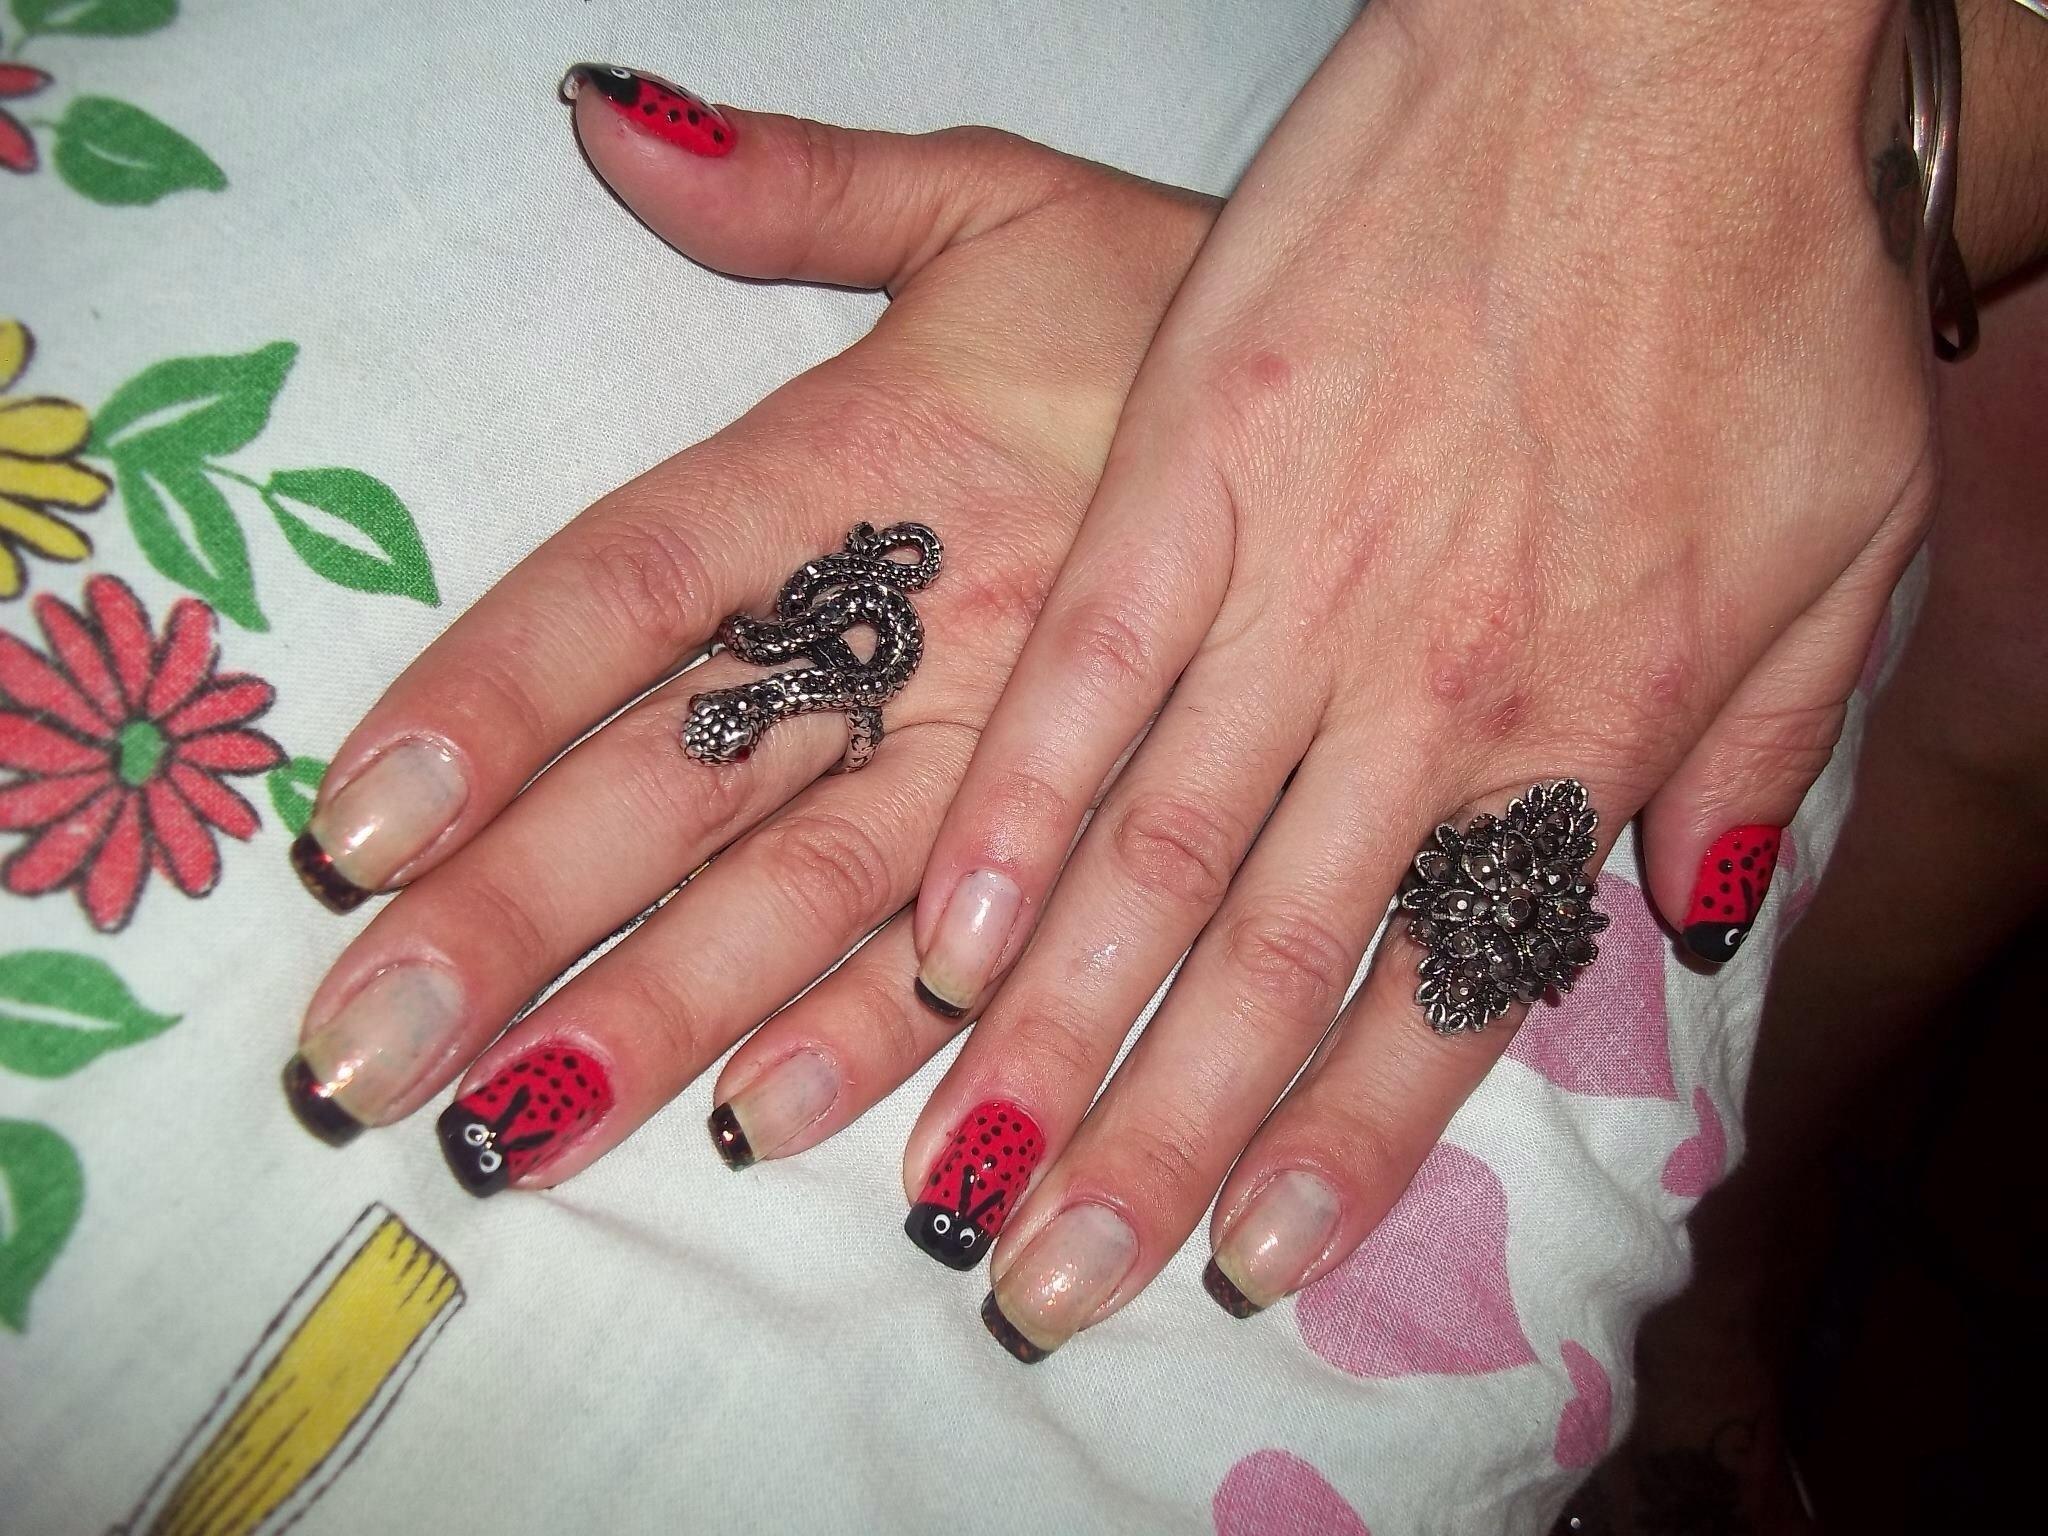 assistente maquiador(a) manicure e pedicure